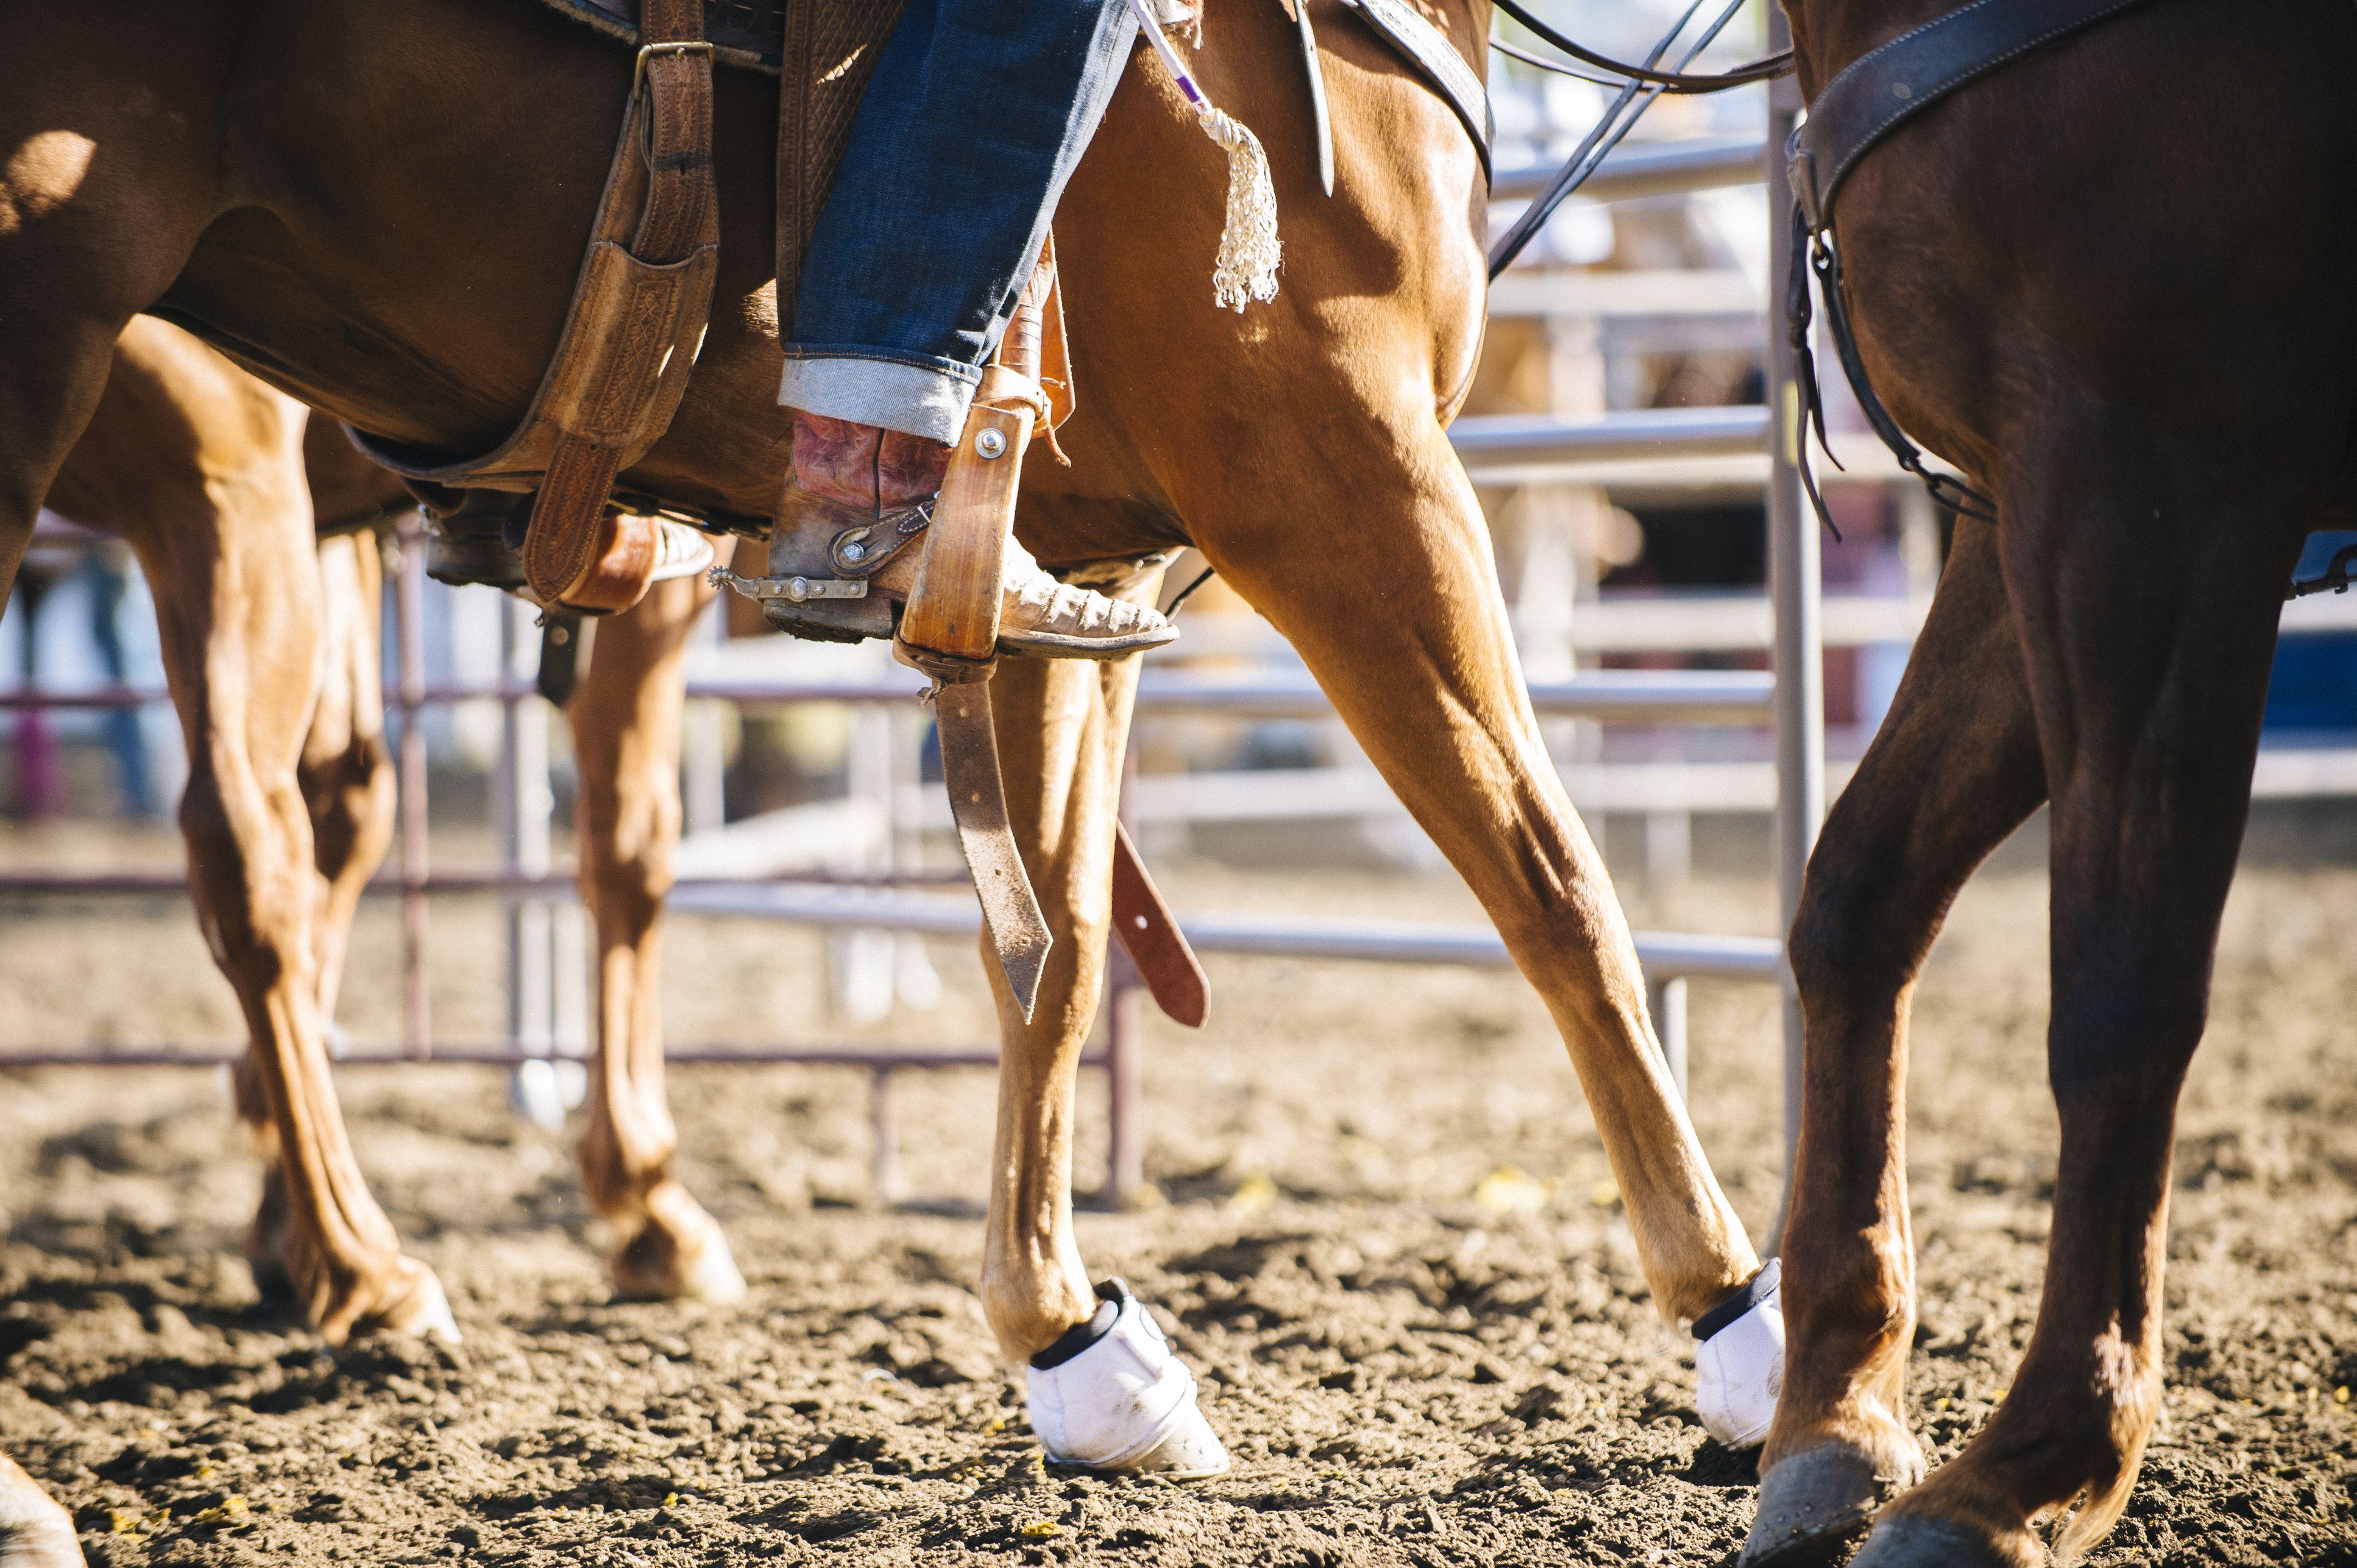 Caucásica vaquera montando a caballo en el rancho